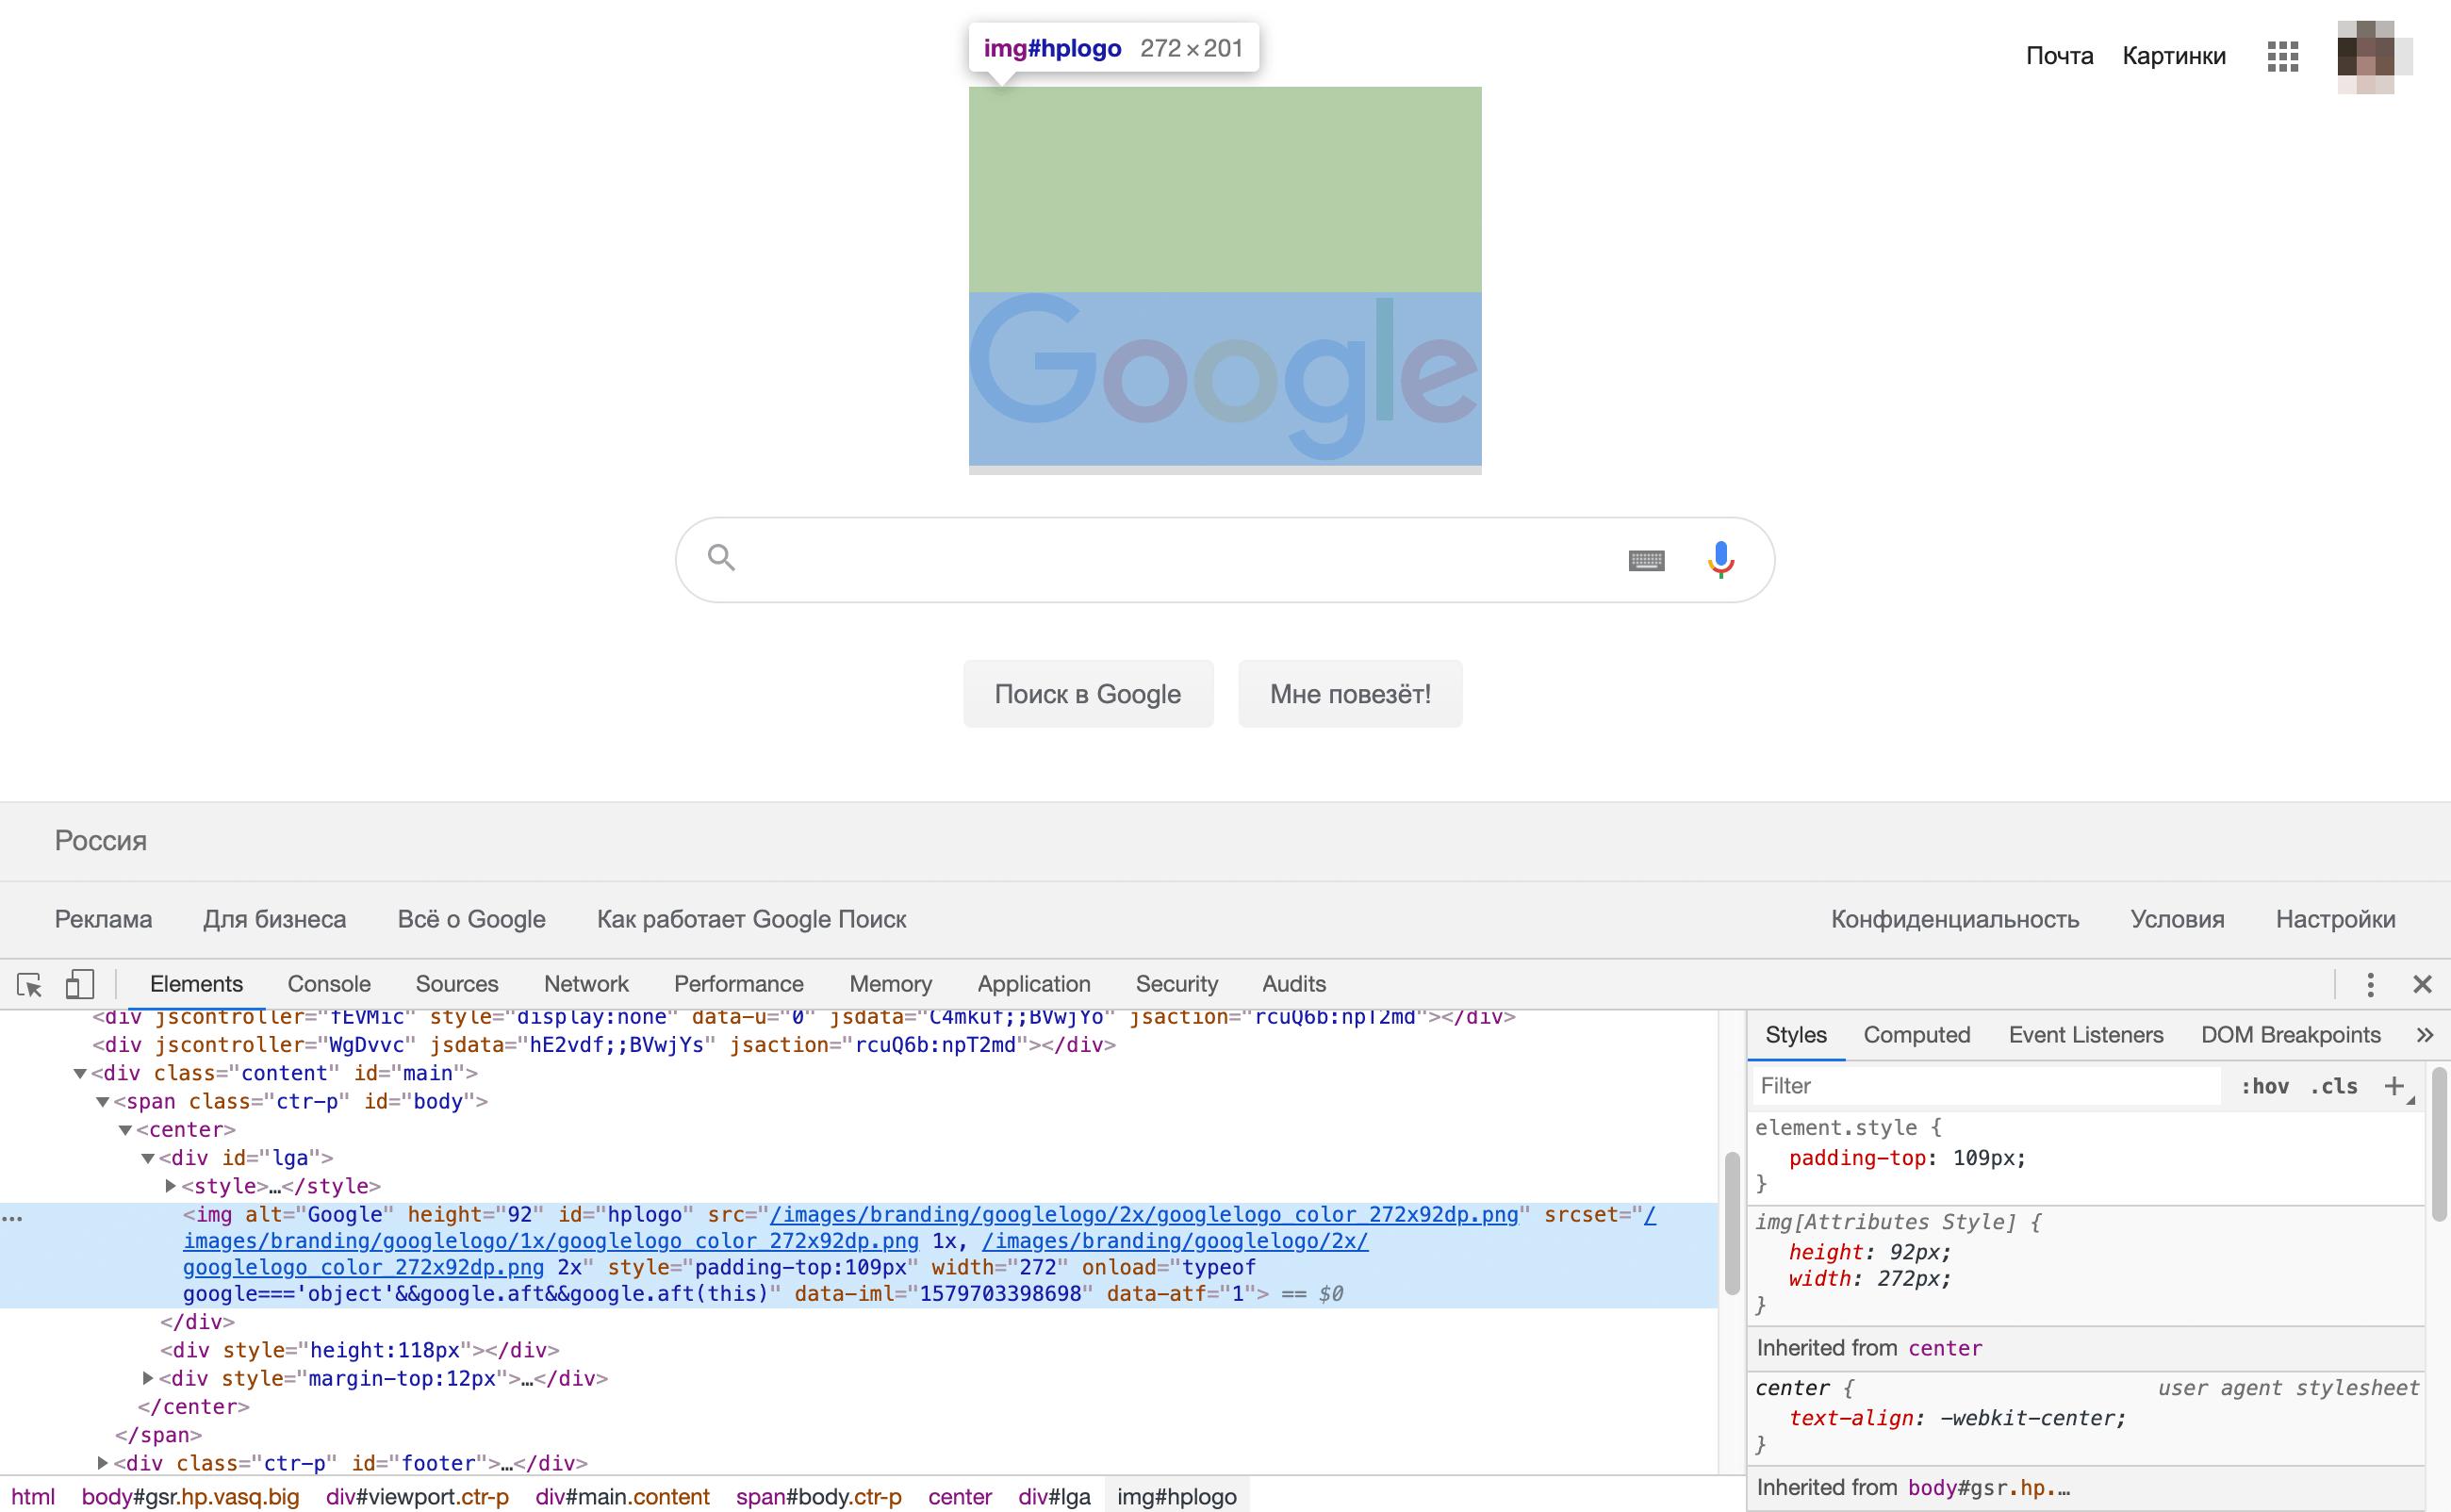 «Инспектор кода» в браузере «Хром». Сверху я навел курсор на нужный блок сайта, и снизу сразуже подсветилась относящаяся к нему часть кода